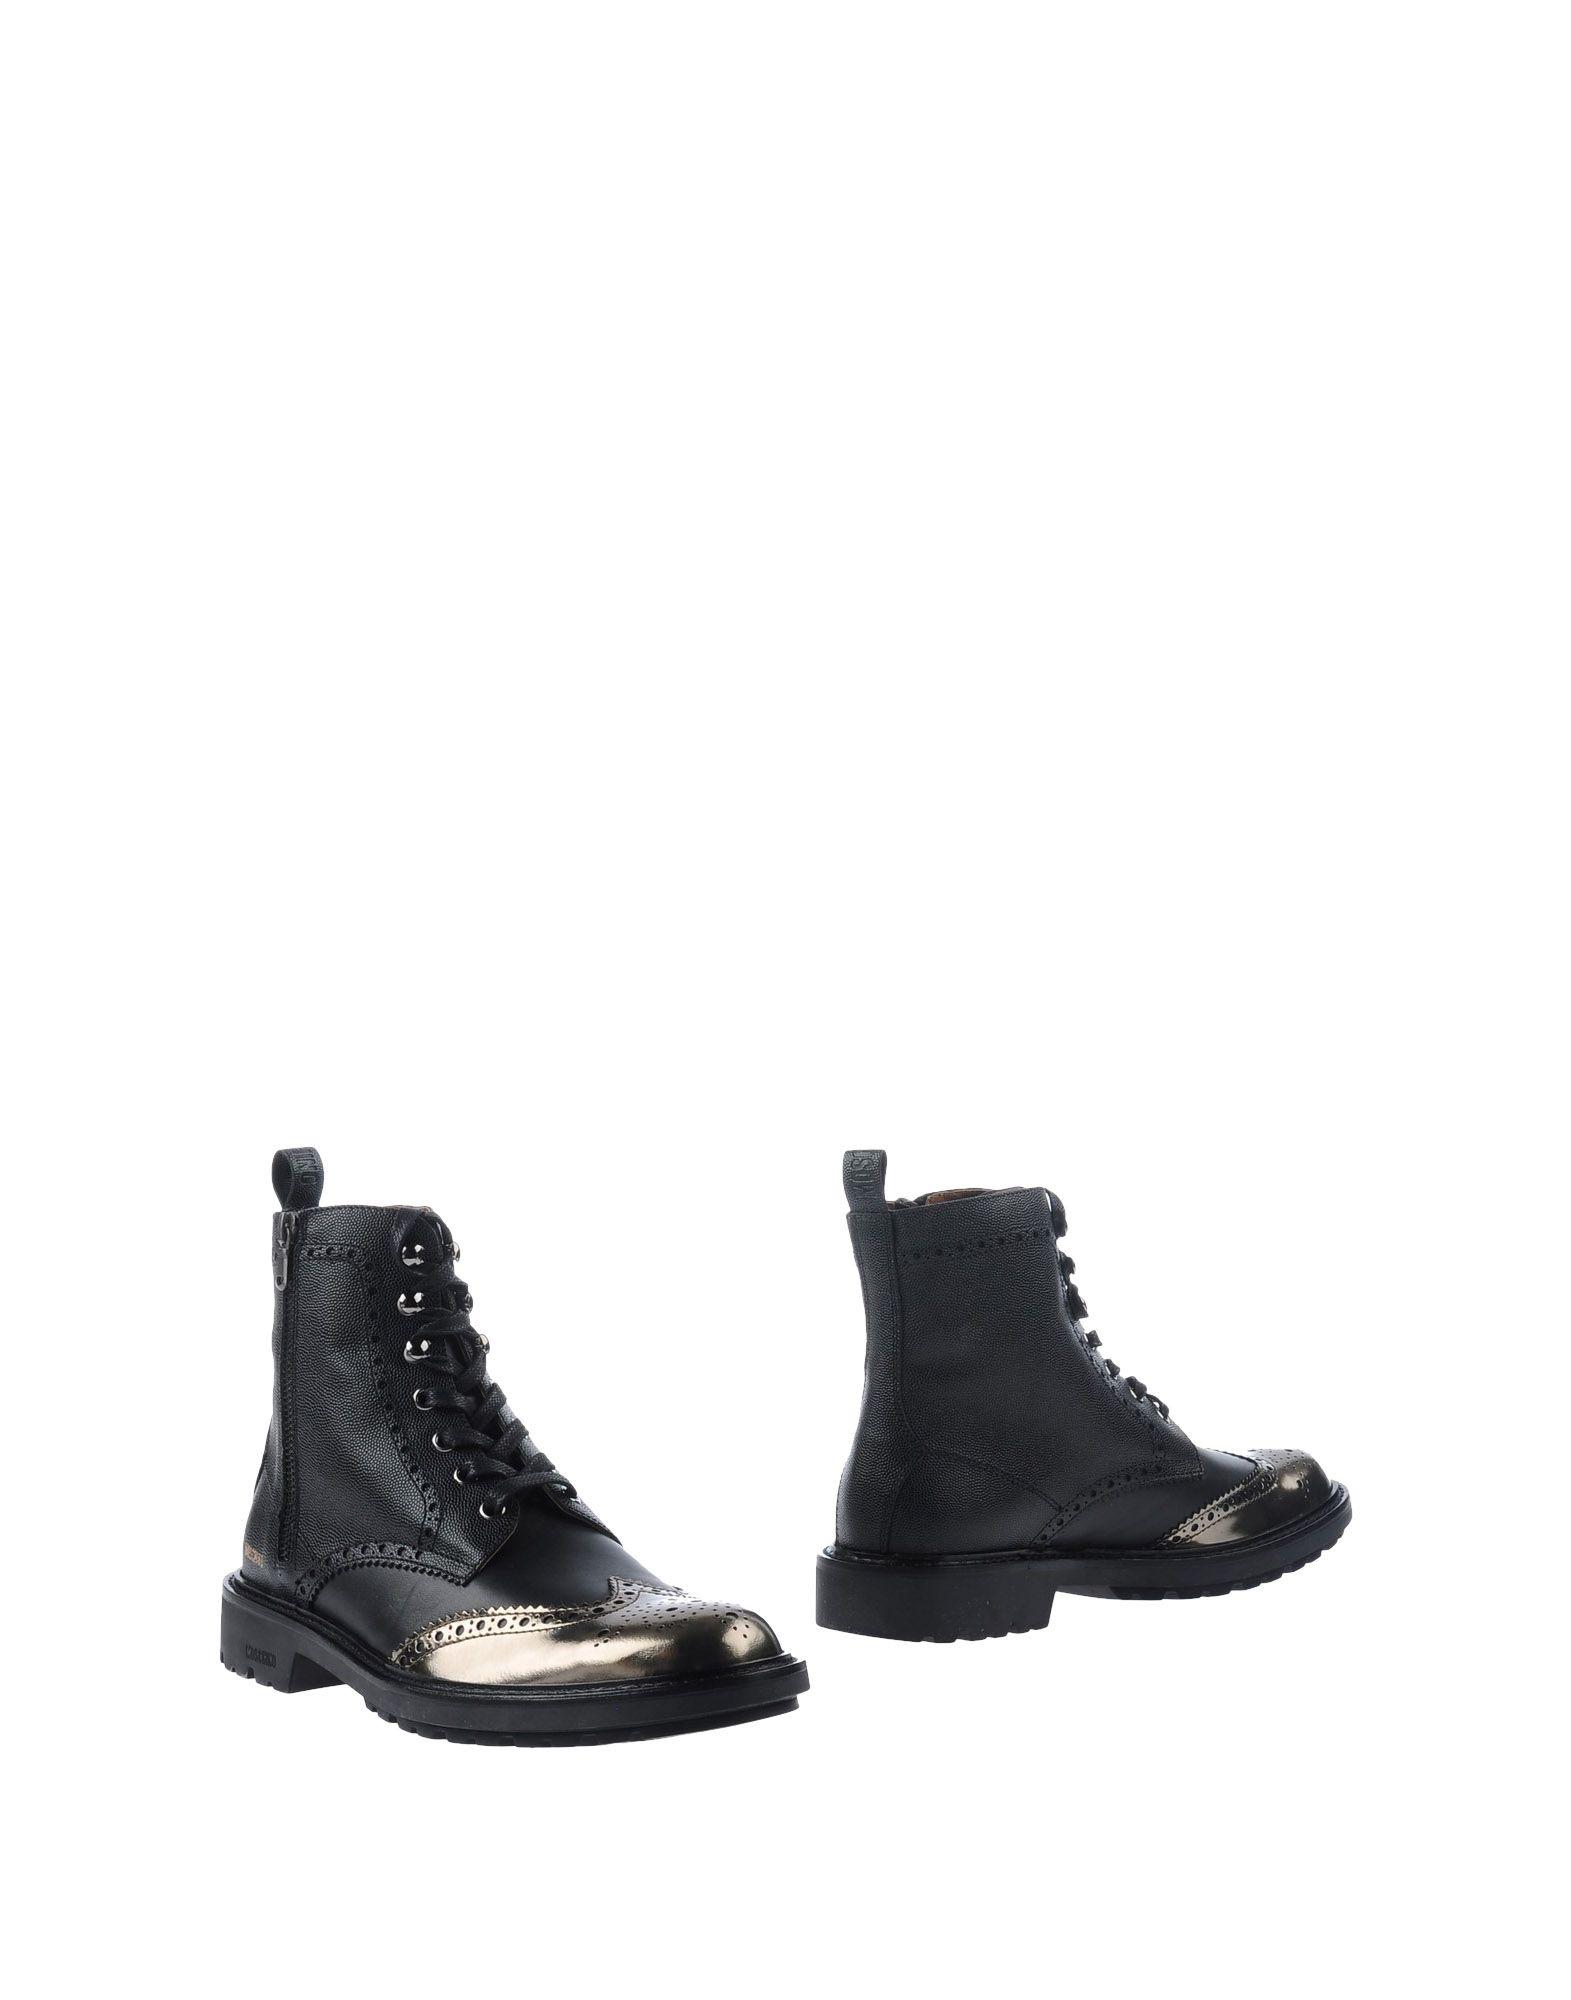 Moschino Stiefelette Herren beliebte  44679924EP Gute Qualität beliebte Herren Schuhe 2e3a77